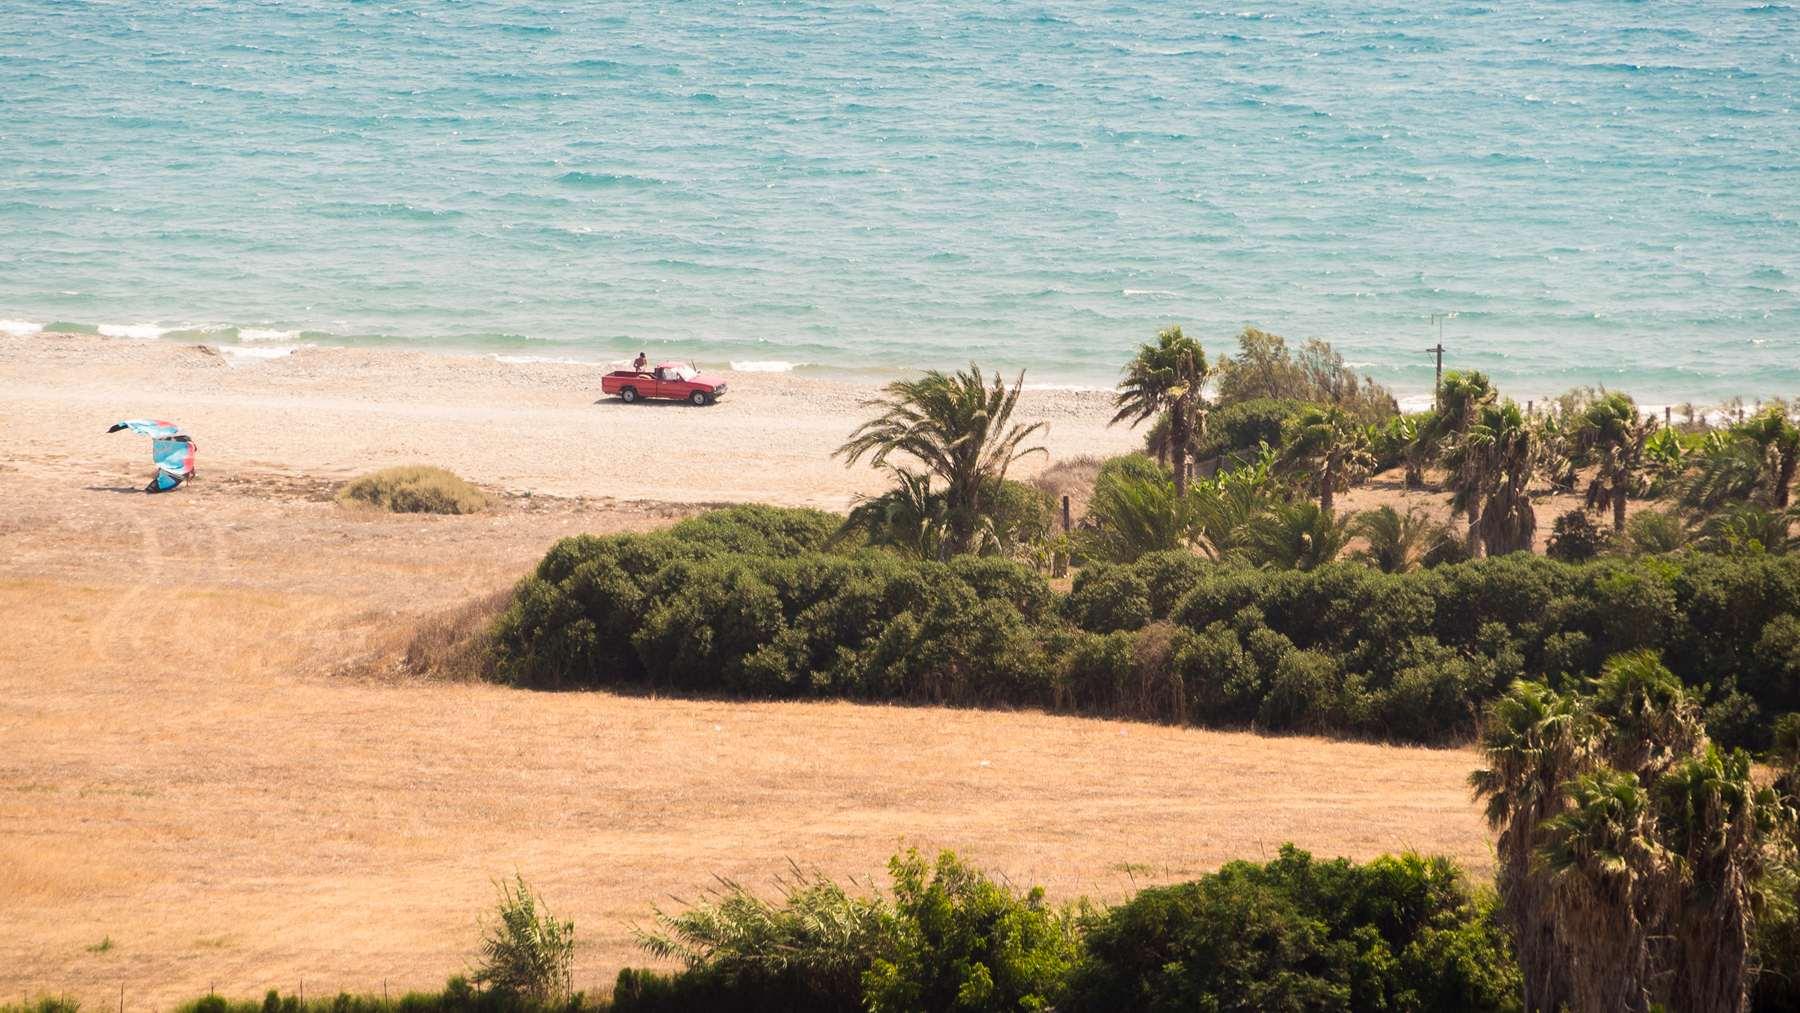 Самое время заняться водным видом спорта на пляже Курион (Coureon beach)